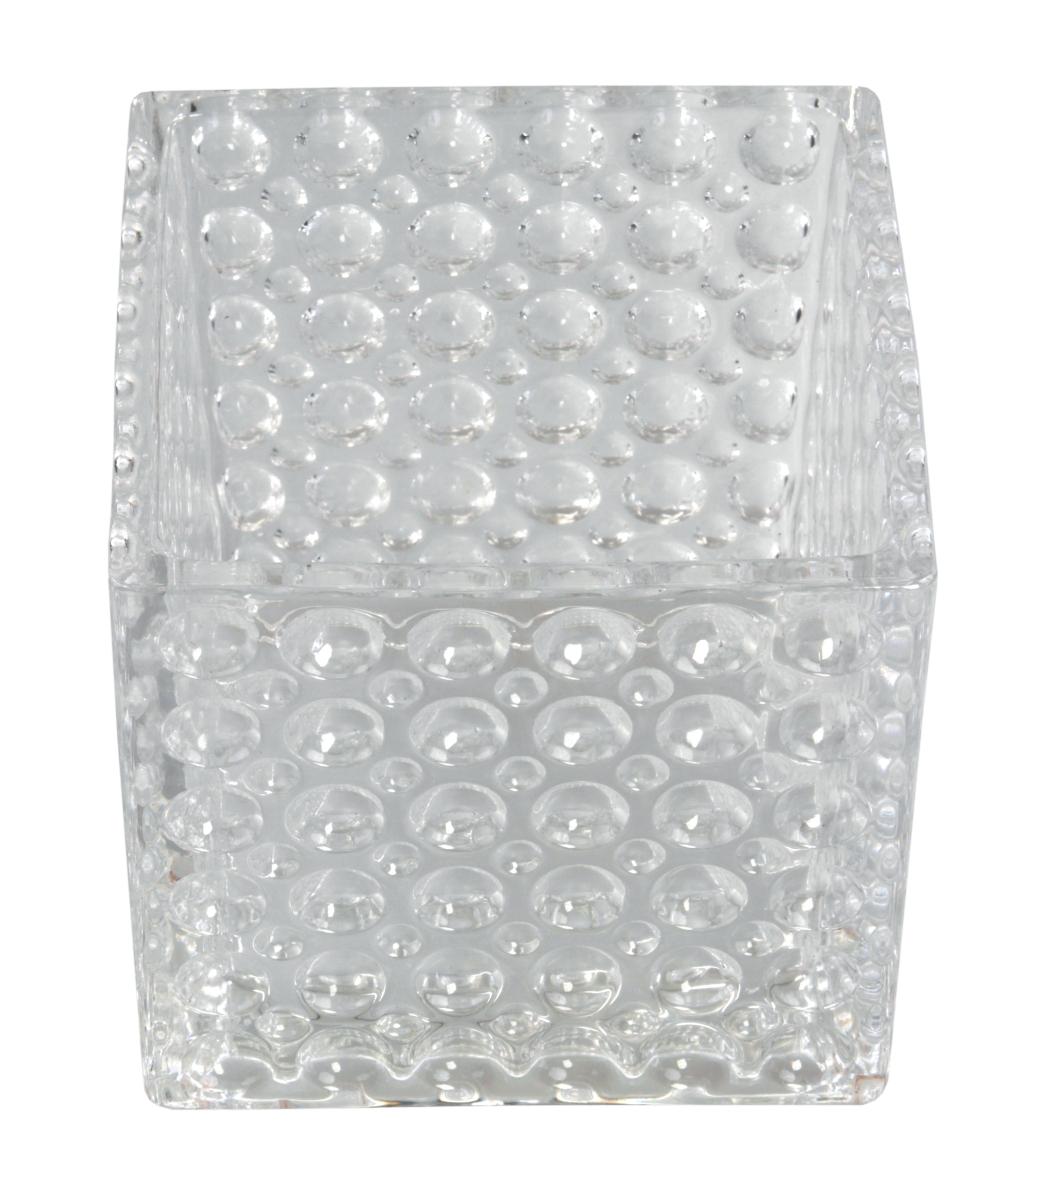 Skleněný svícen s reliéfním povrchem š 12,5 x h 12,5 x v 12 cm